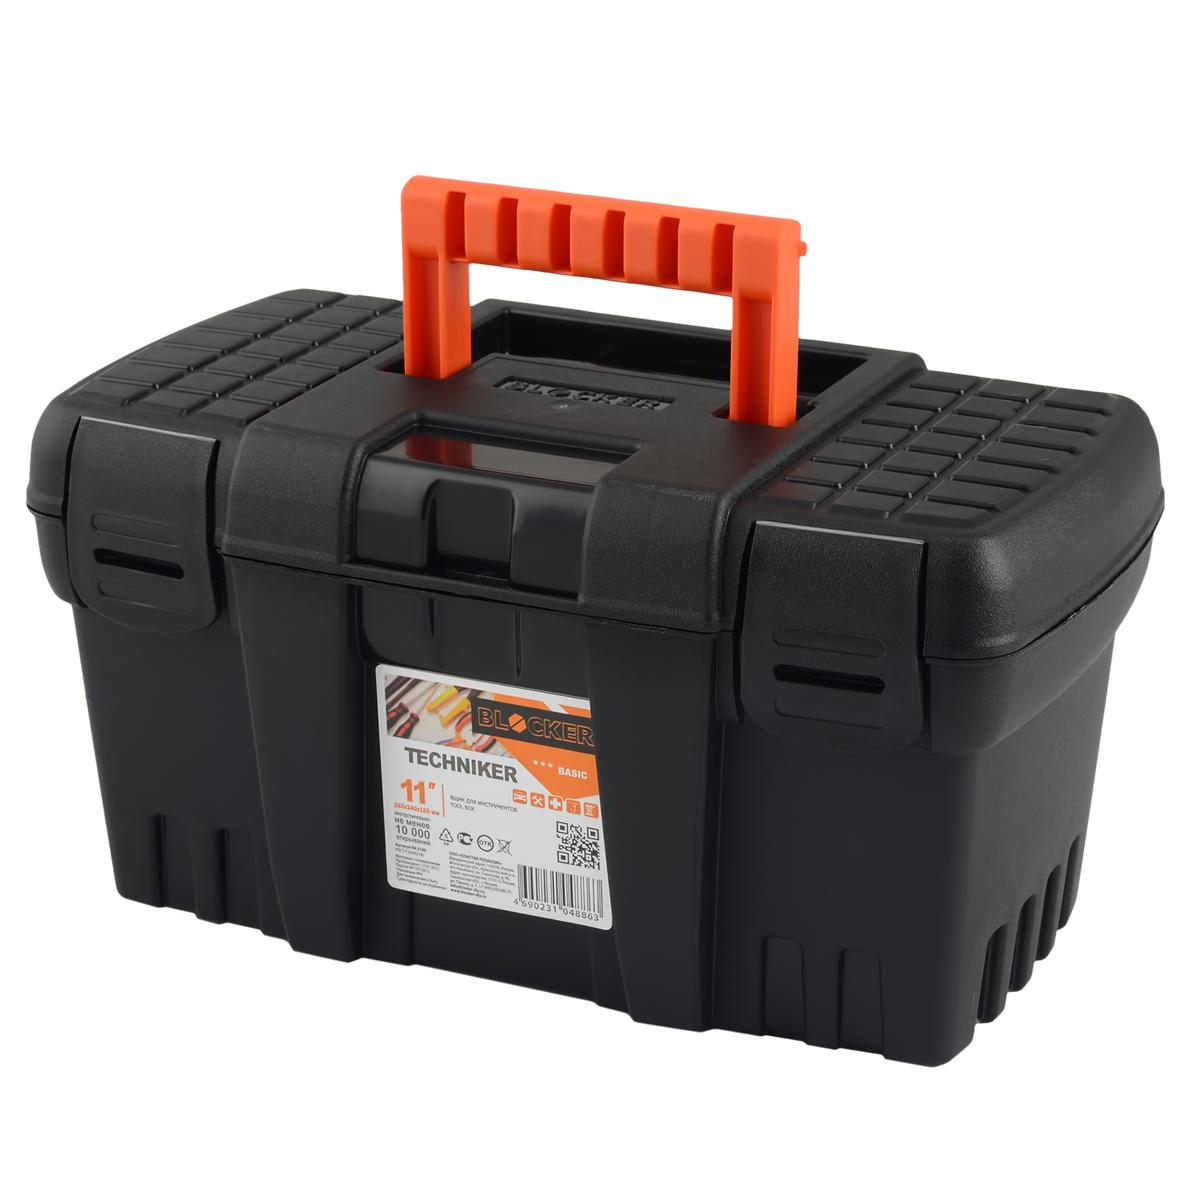 Ящик для инструментов Blocker Techniker, цвет: черный, 380 х 210 х 195 ммBR3747ЧРЯщик Blocker Techniker отлично подходит для организации хранения и транспортировки инструментов и принадлежностей к ним в автомобиле, на дачеили дома. Петли и замки выполнены единым элементом с корпусом. Не имеет внутреннего лотка. Каждый элемент имеет ресурс 10 000 изгибов, что позволяет интенсивно эксплуатировать продукт несколько лет.